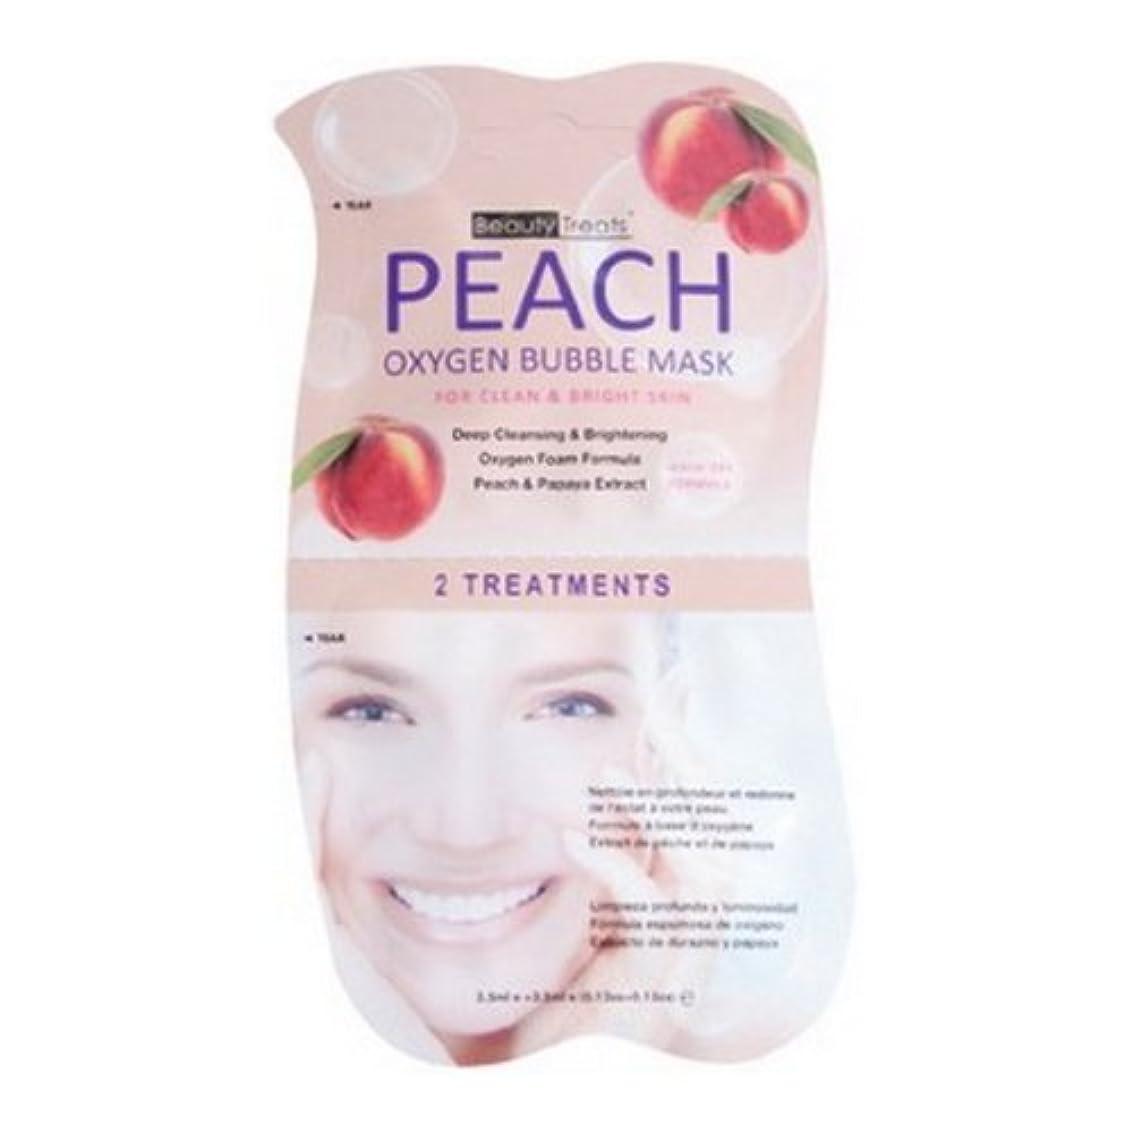 フランクワースリー観光レース(3 Pack) BEAUTY TREATS Peach Oxygen Bubble Mask - Peach (並行輸入品)